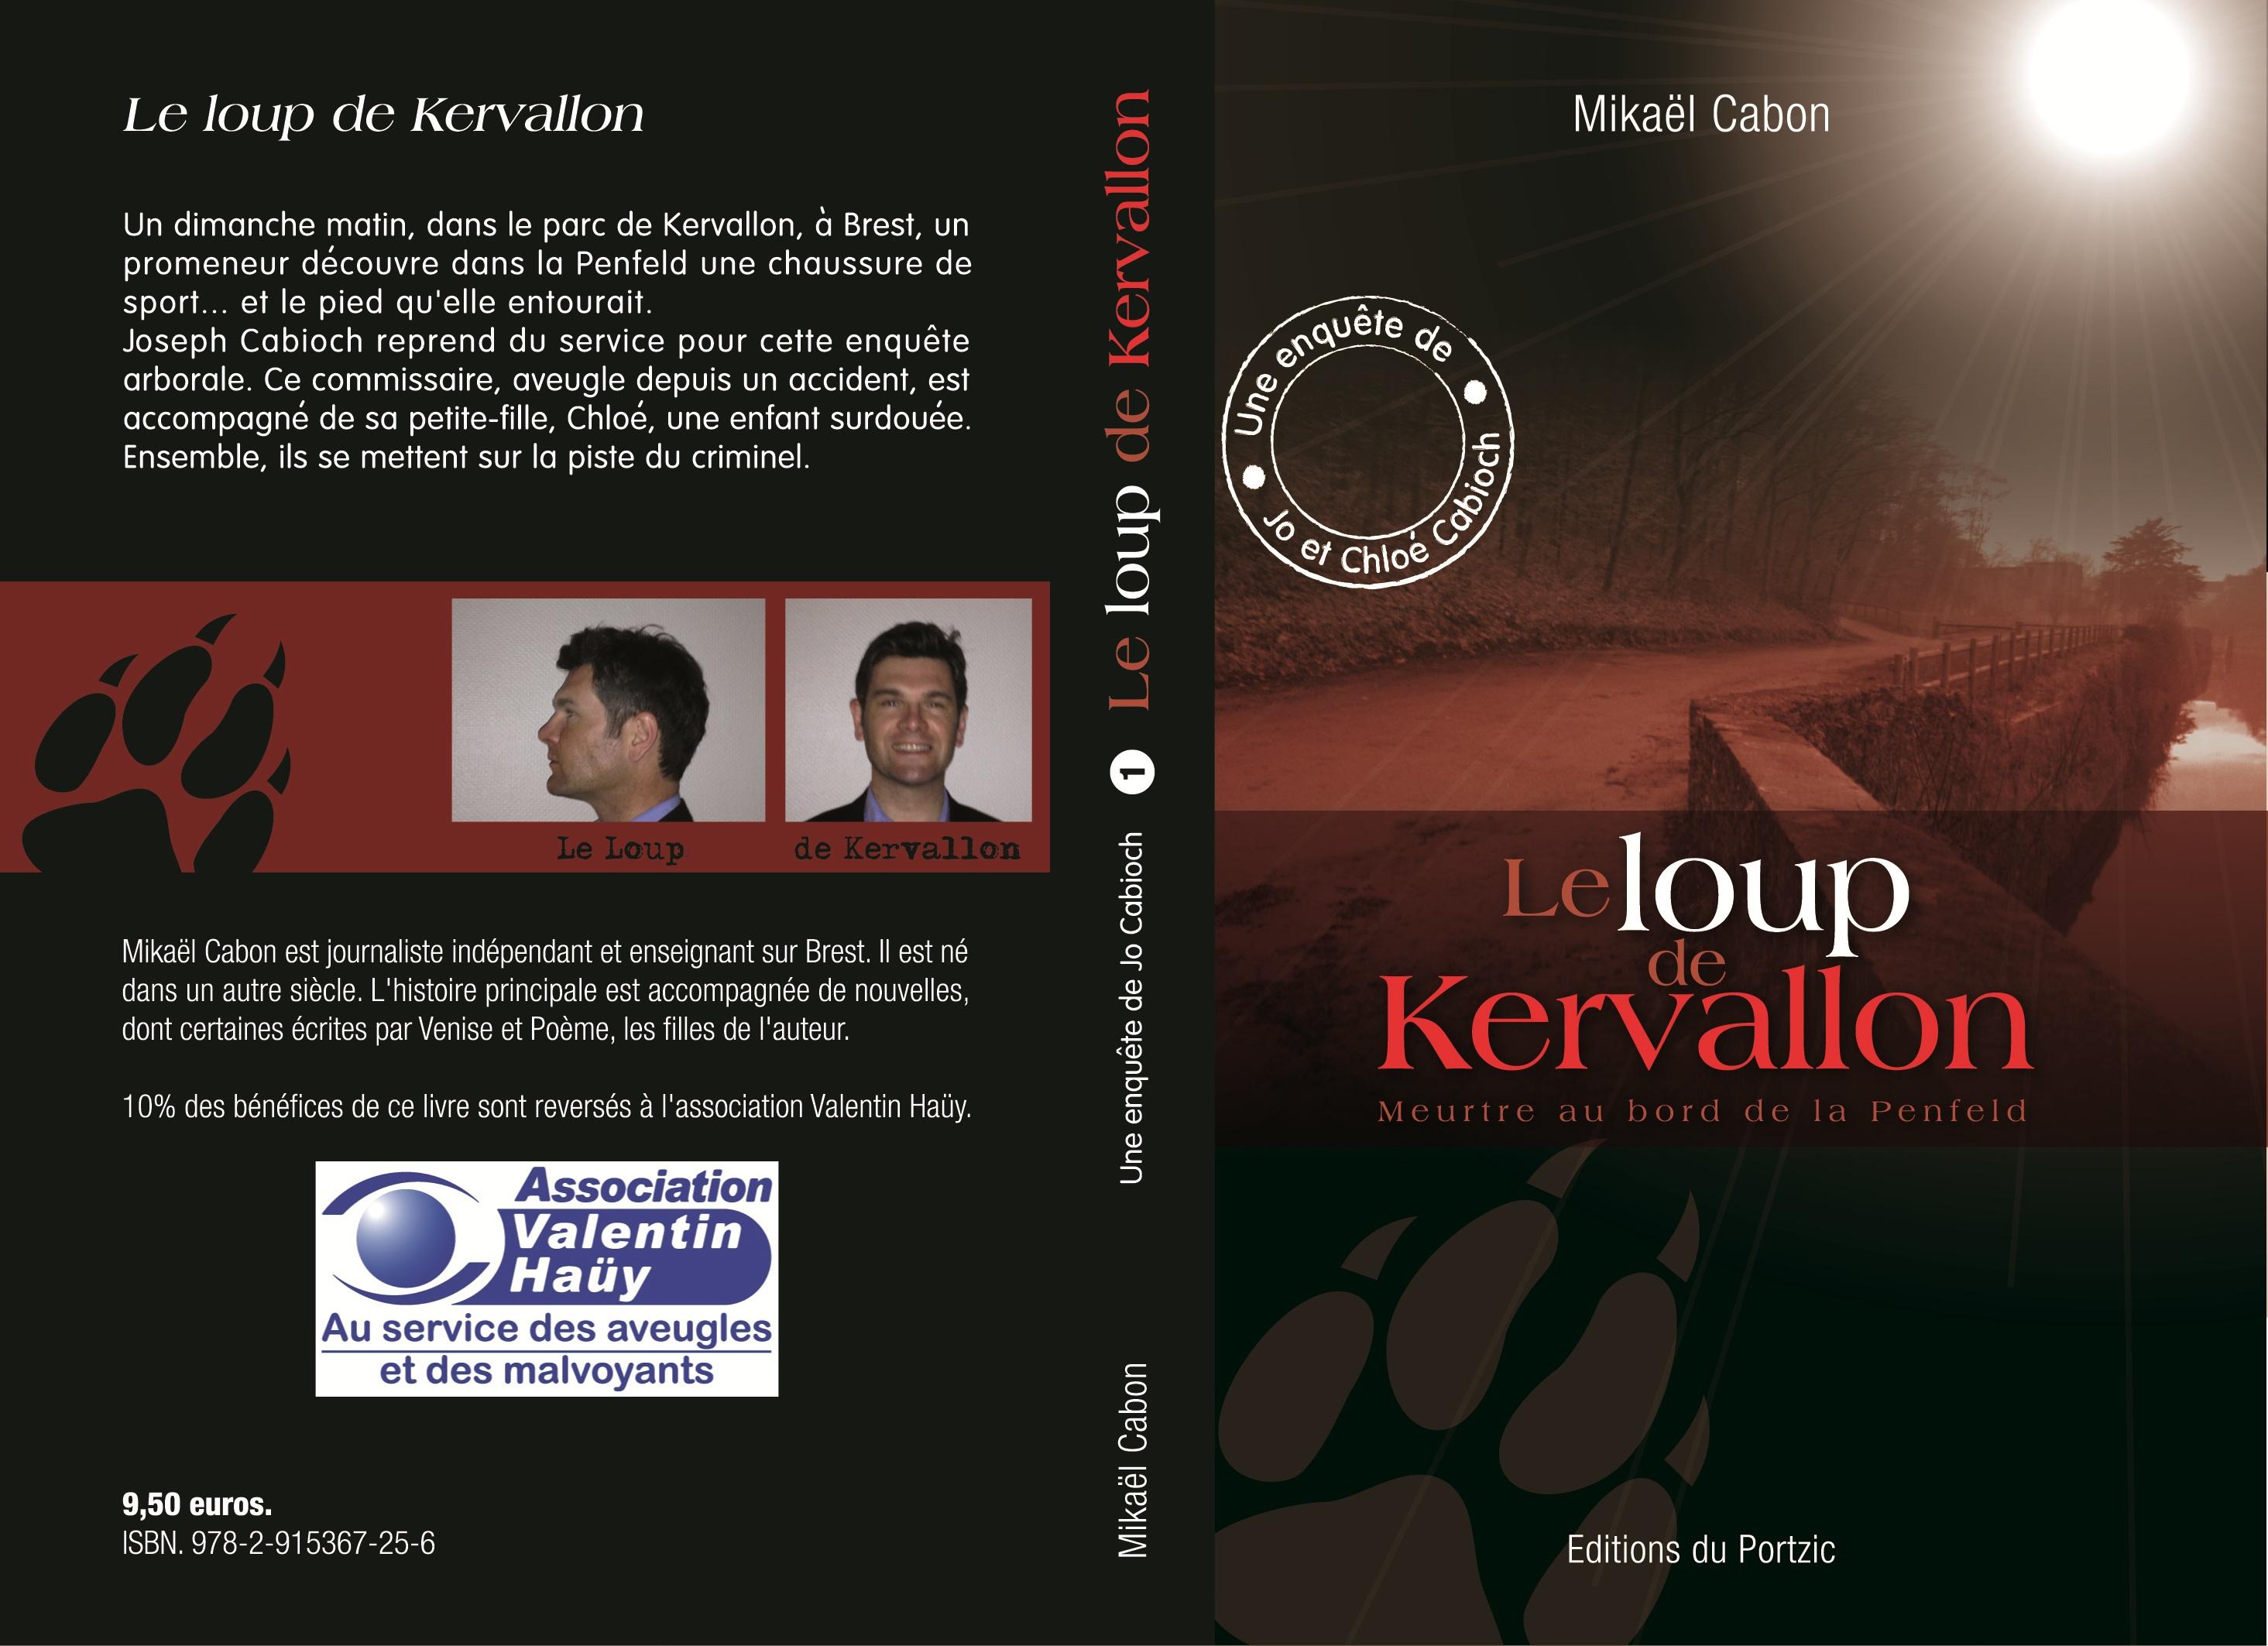 Roman policier. Le loup de Kervallon sort du bois